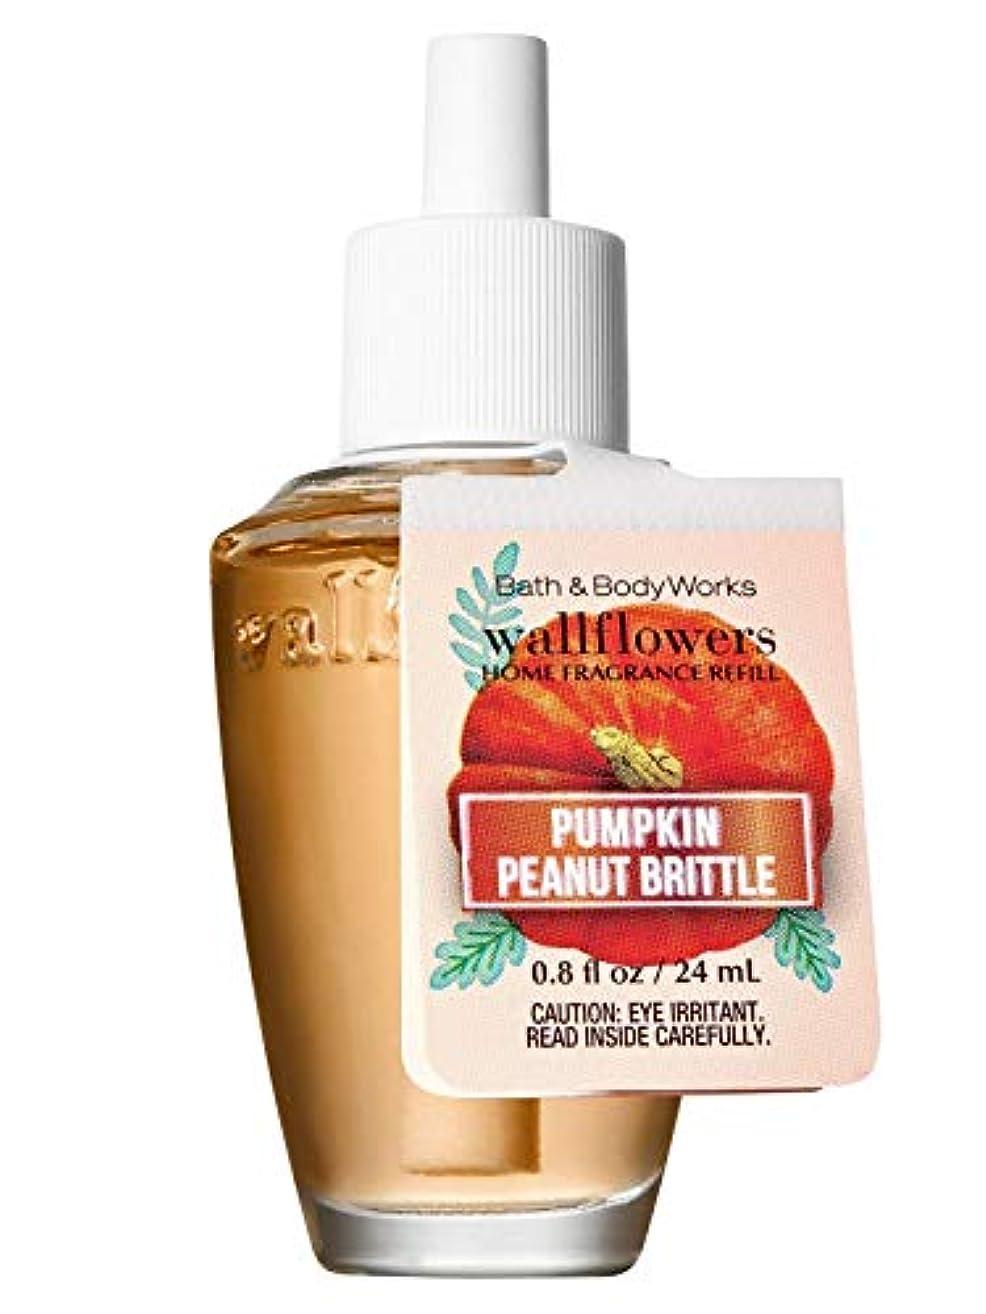 北方協力的インキュバス【Bath&Body Works/バス&ボディワークス】 ルームフレグランス 詰替えリフィル パンプキンピーナッツブリトル Wallflowers Home Fragrance Refill Pumpkin Peanut...